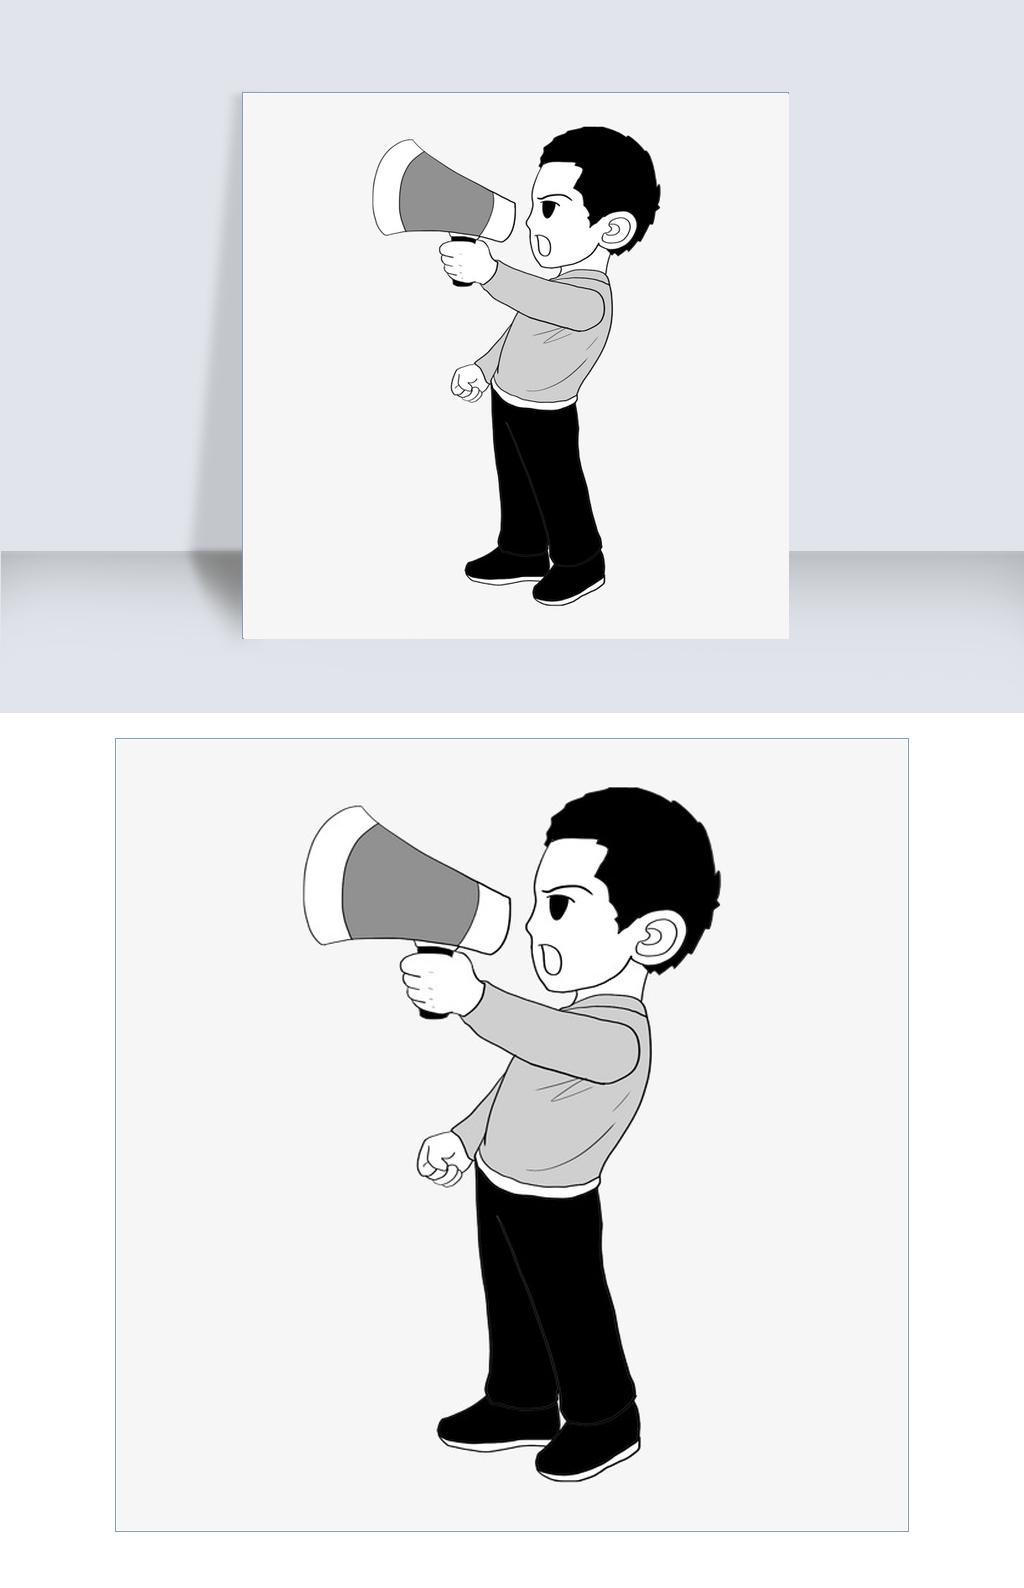 人和喇叭创意简笔画图片素材 PSB格式 下载 动漫人物狗万·公牛_狗万最小_狗万反水怎么算